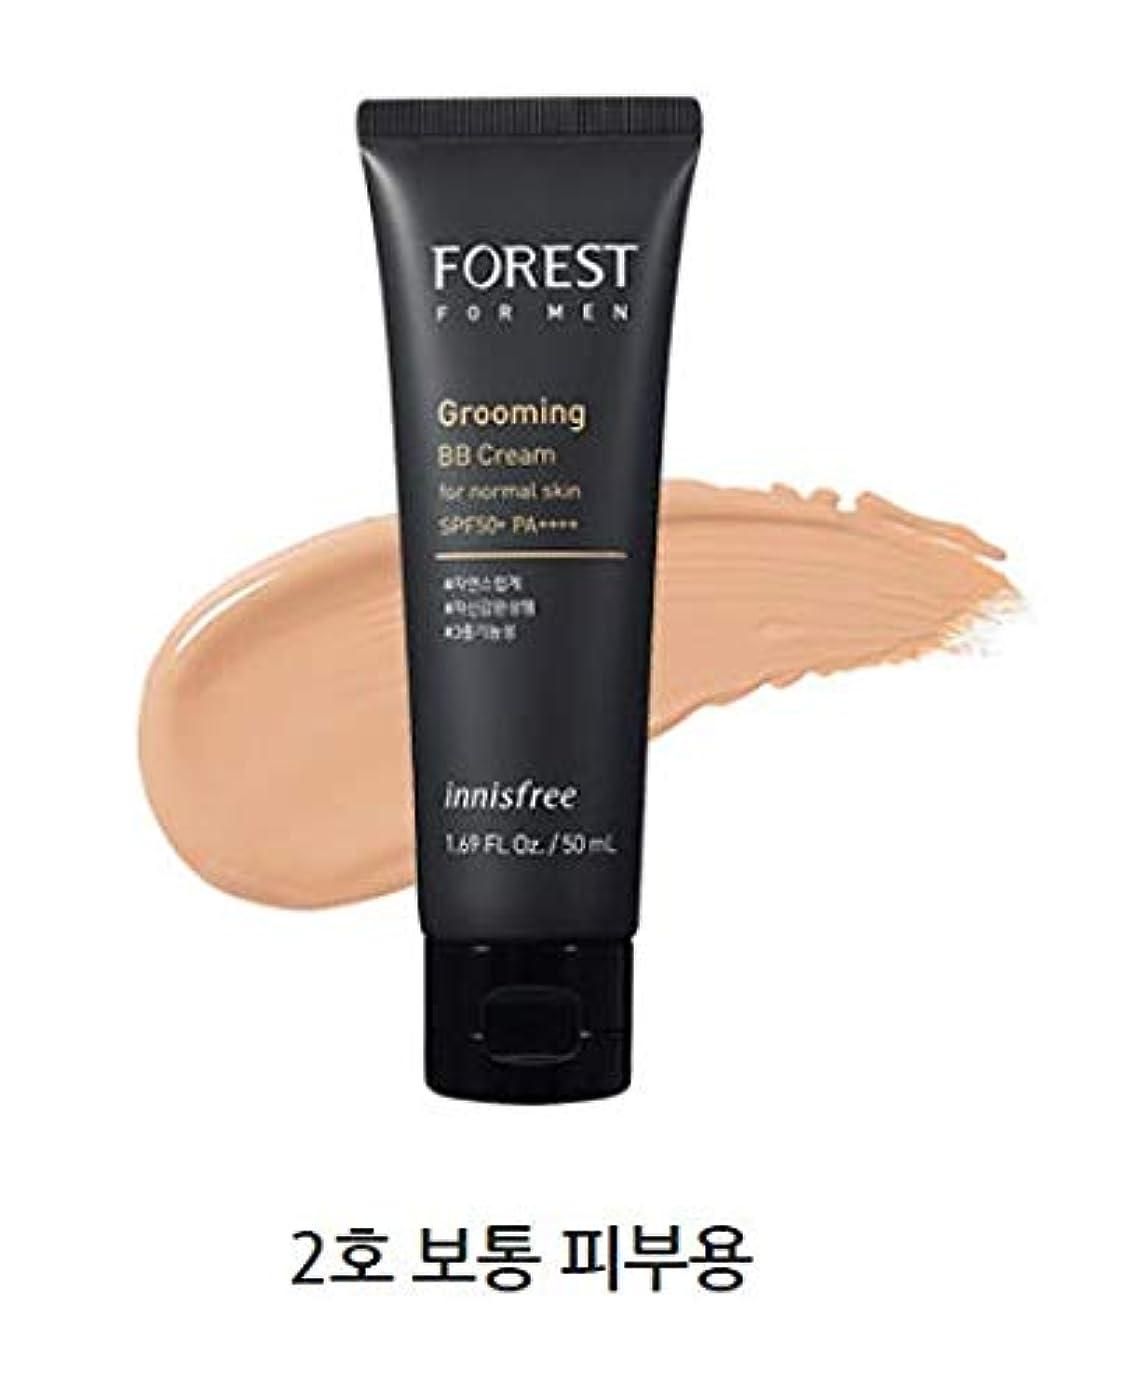 熟読縞模様の人差し指[イニスフリー.innisfree]フォレストフォアマングルーミングBBクリームSPF50+ PA++++50mL/ FOREST FOR MEN GROOMING BB CREAM SPF50+ PA++++ (#2 通常肌用)